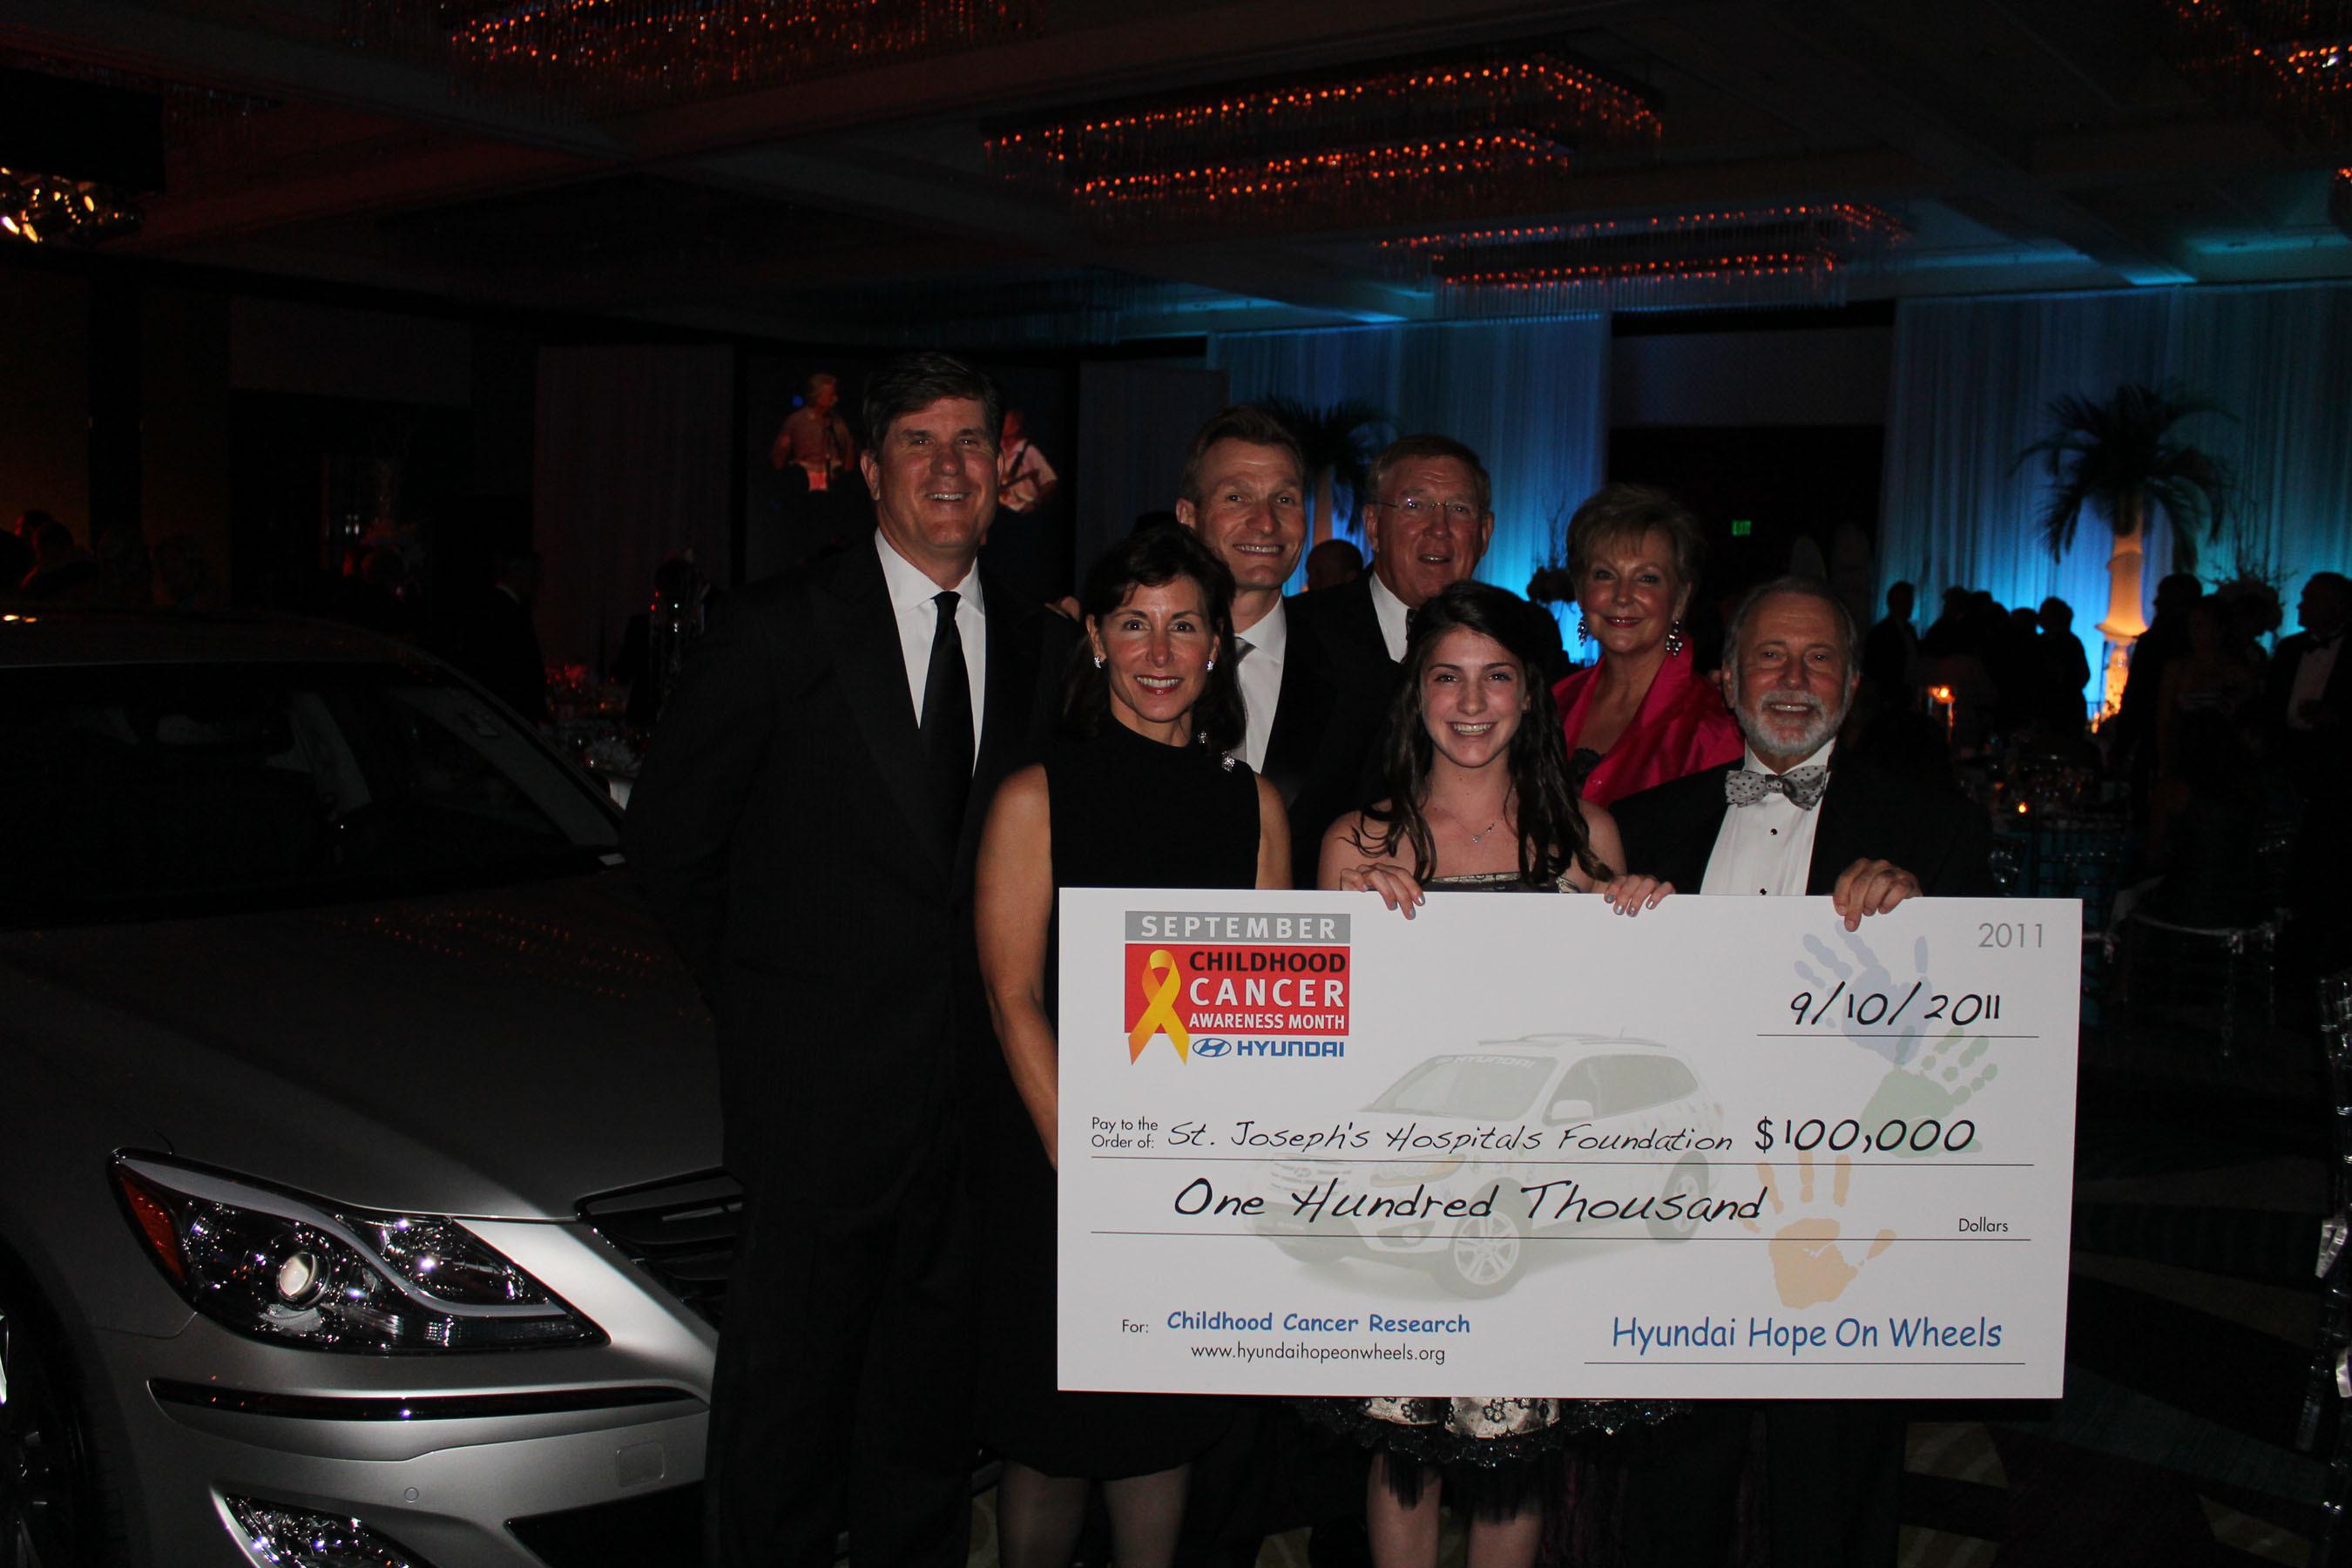 St  Joseph's Hospital Awarded $100,000 Grant From Hyundai